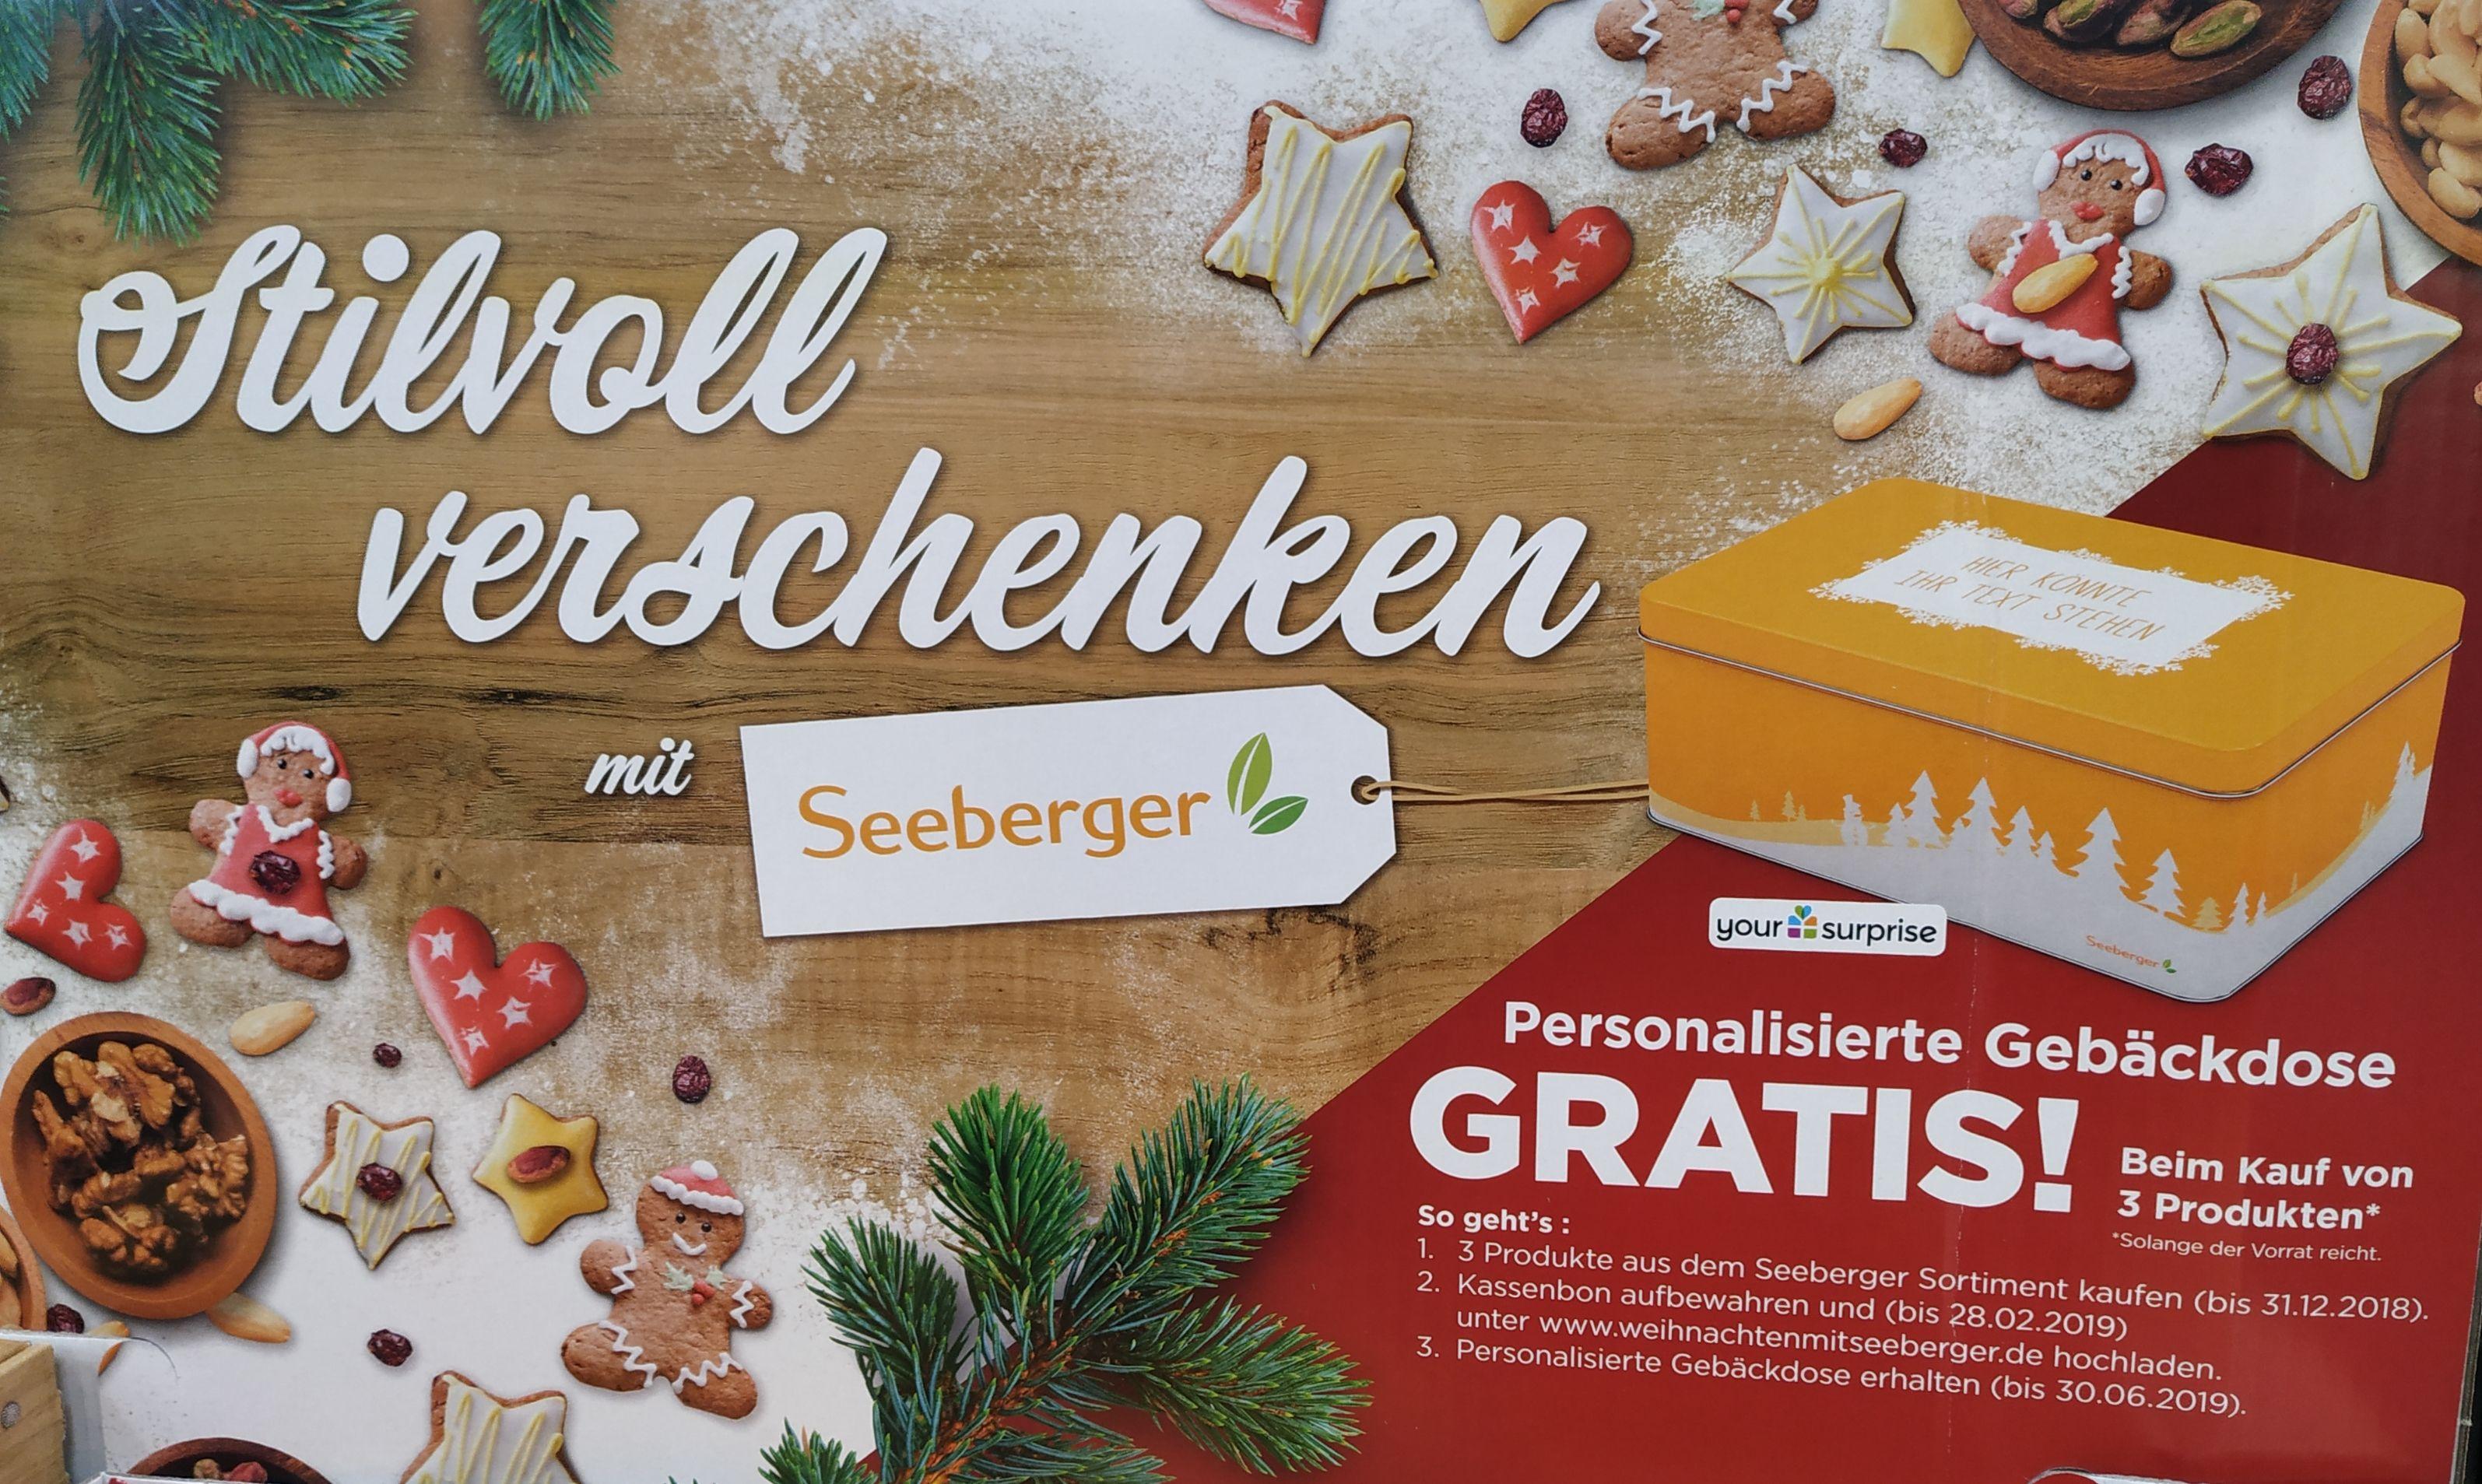 Personalisierte Gebäckdose gratis beim Kauf von 3 Seeberger-Produkten